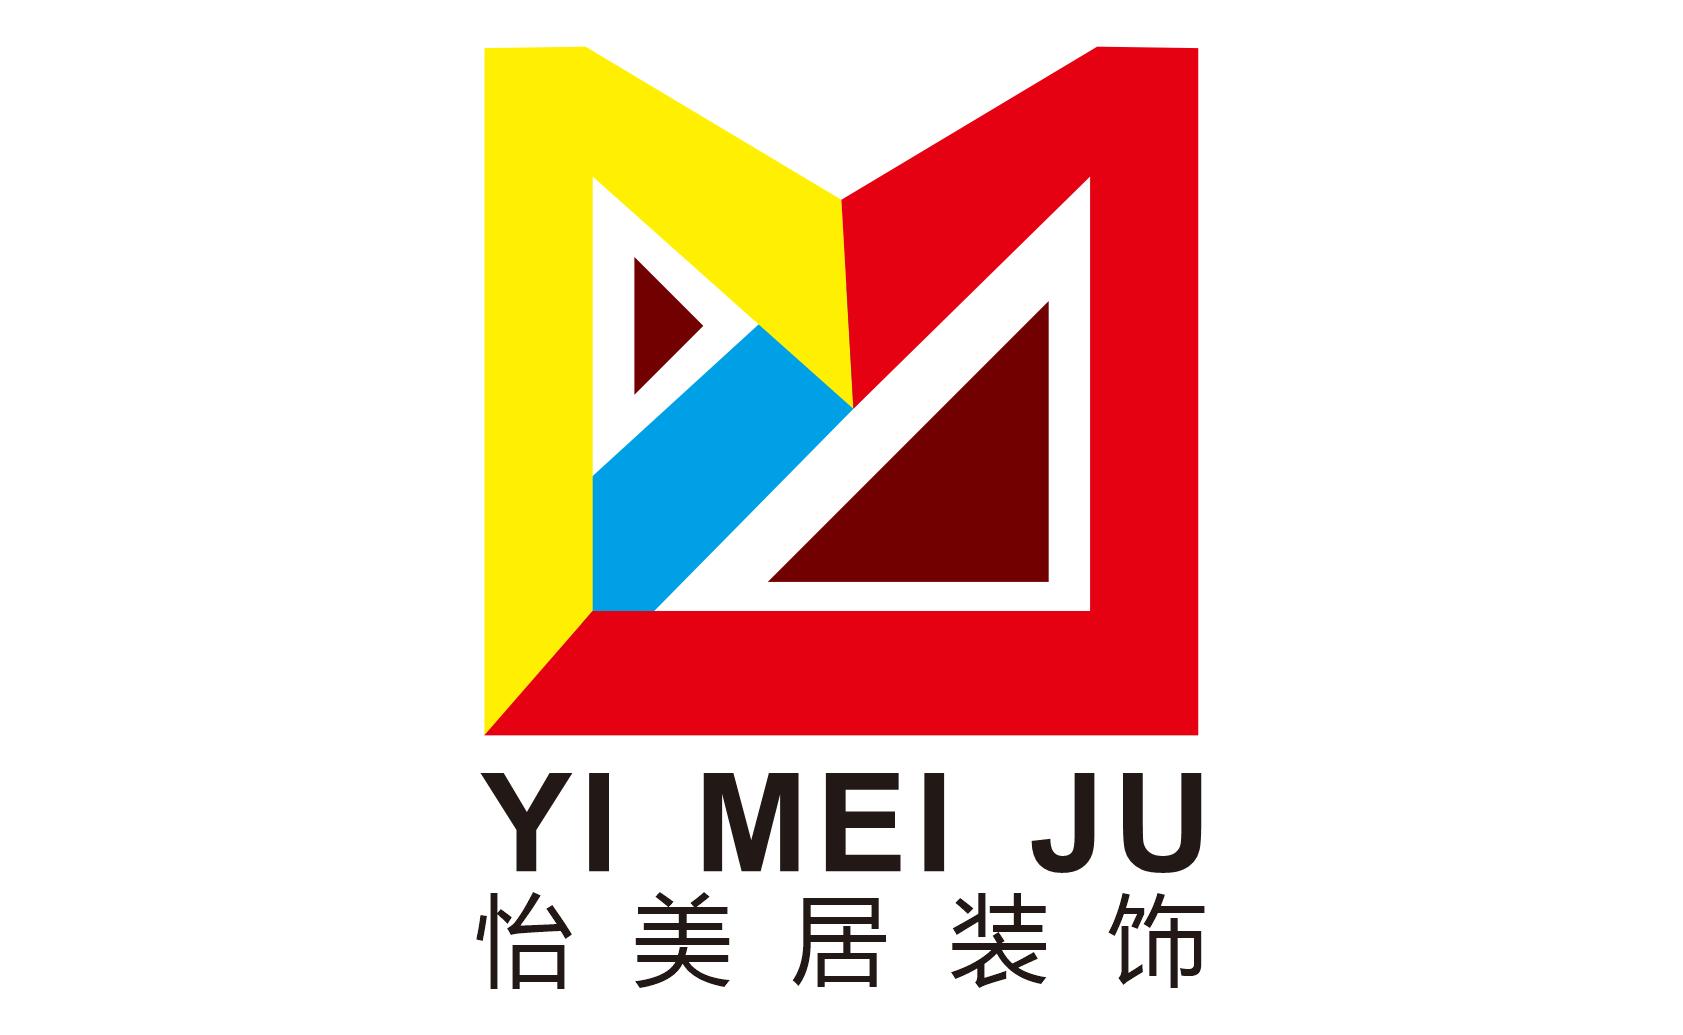 重庆怡美居装饰工程设计有限公司